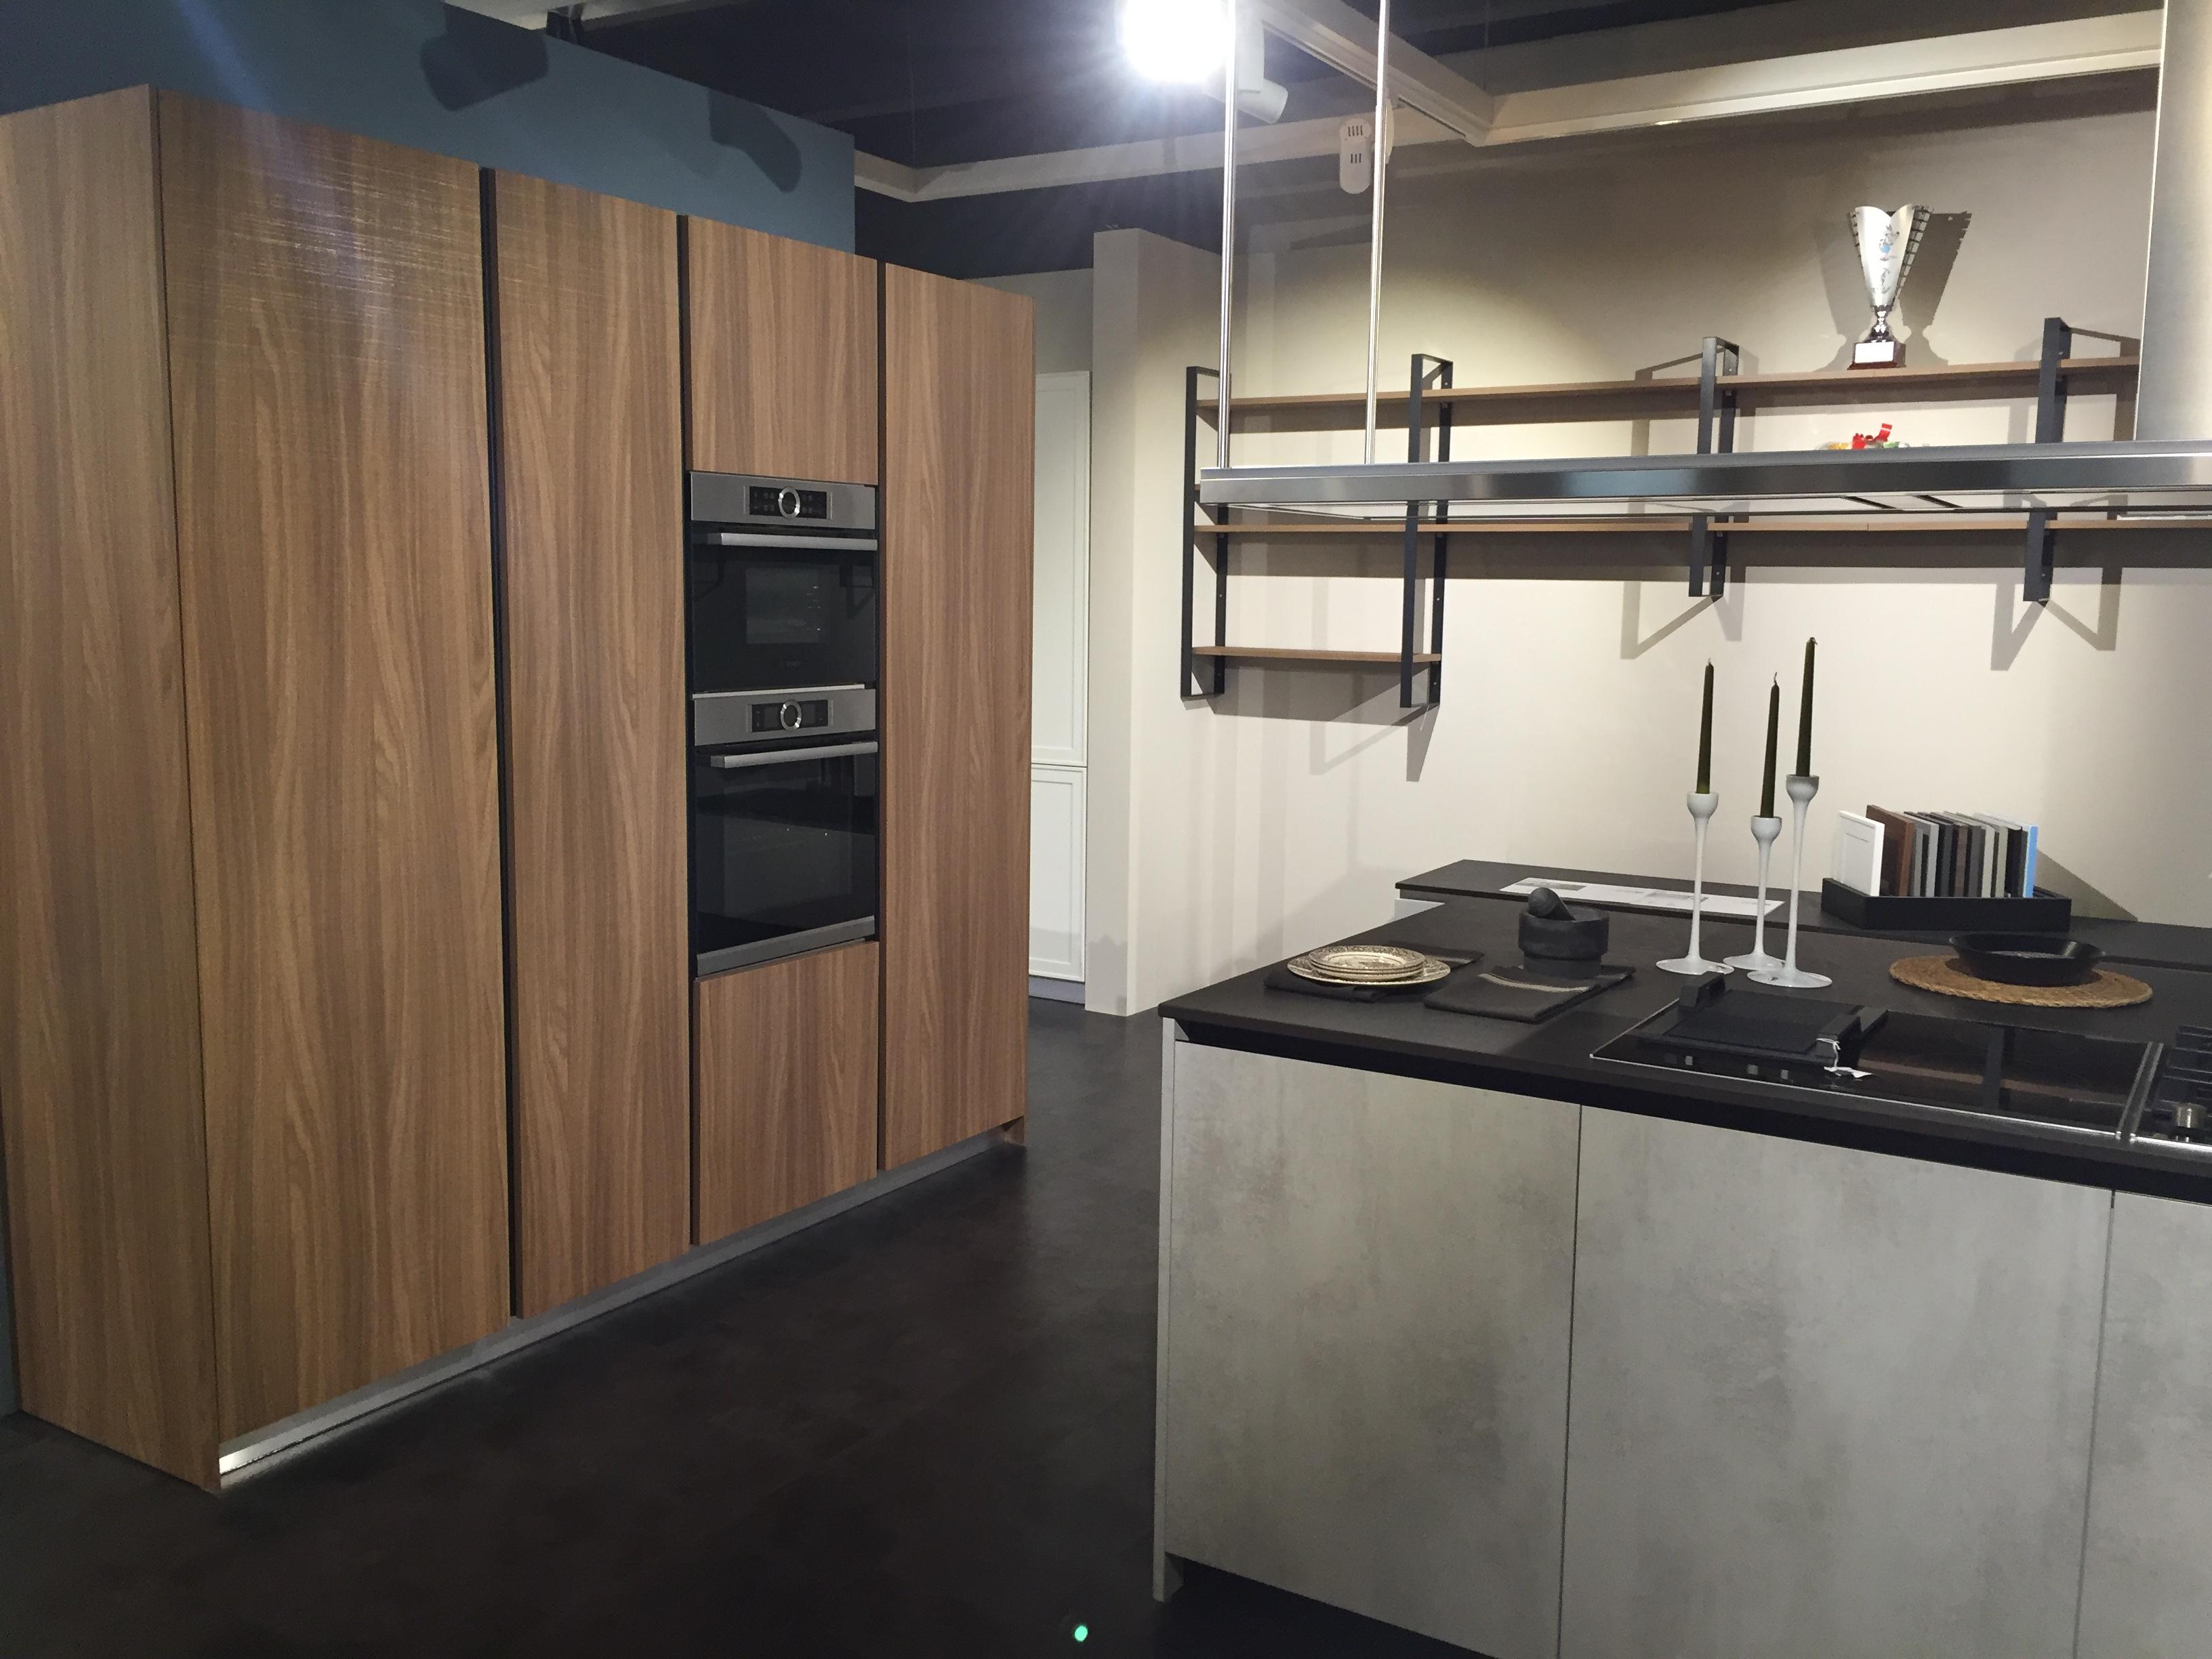 Cucine in armadio case e interni unuidea molto chic per - Cucine armadio prezzi ...